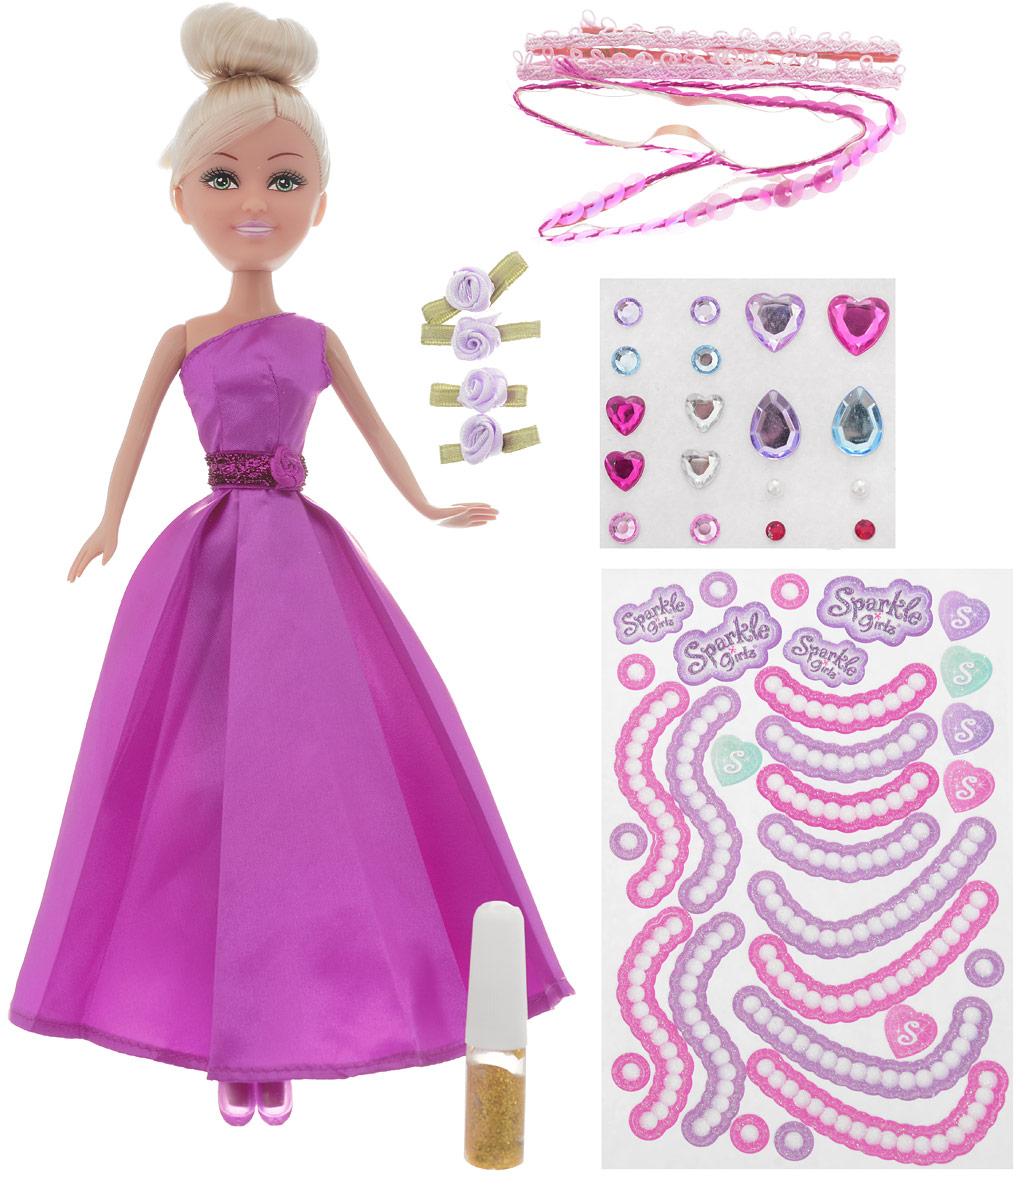 Funville Игровой набор с куклой Sparkle Girlz с аксессуарами для украшения платья цвет платья малиновый funville мини кукла sparkle girlz цвет наряда розовый бирюзовый сиреневый